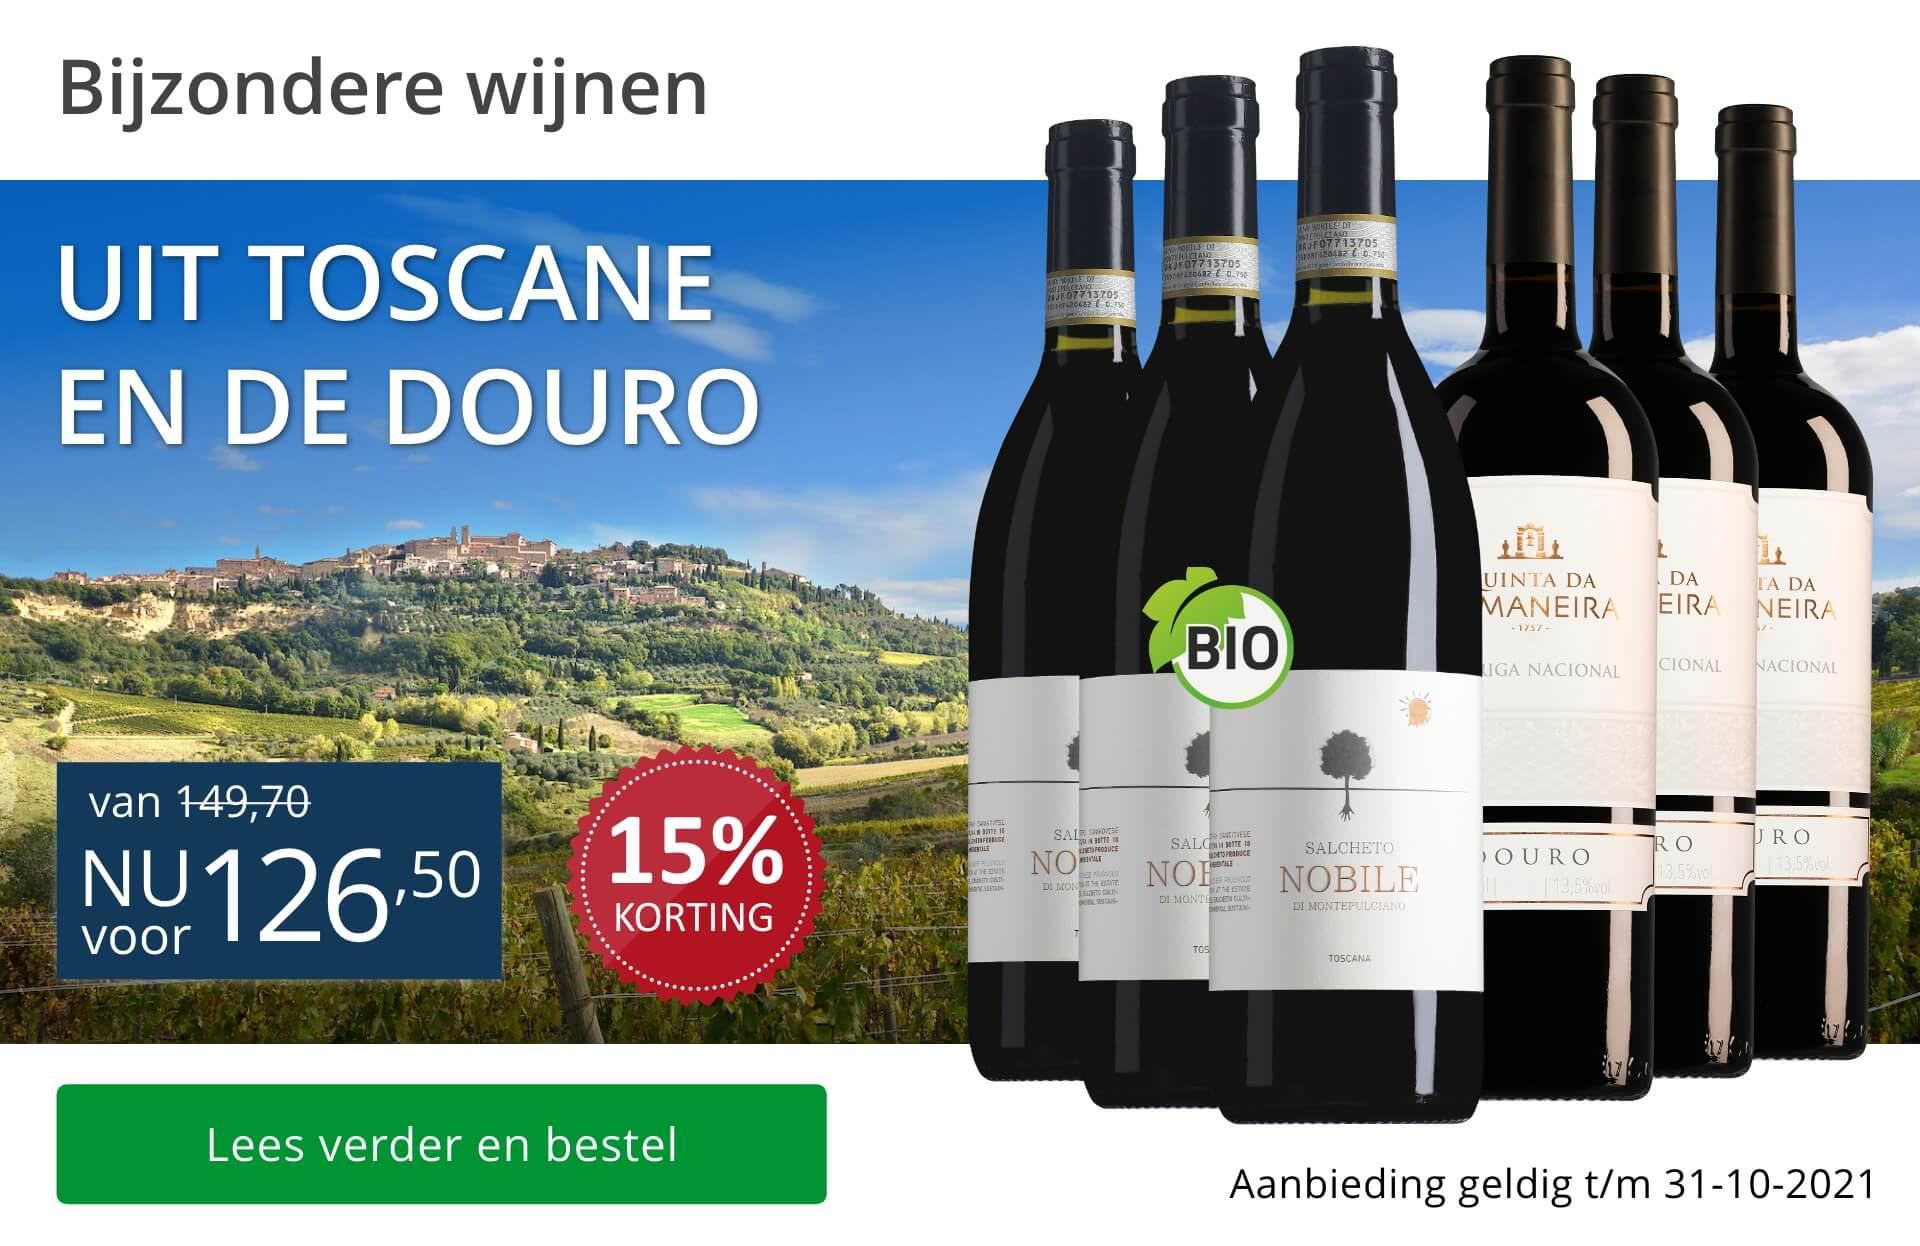 Wijnpakket bijzondere wijnen oktober 2021 - blauw